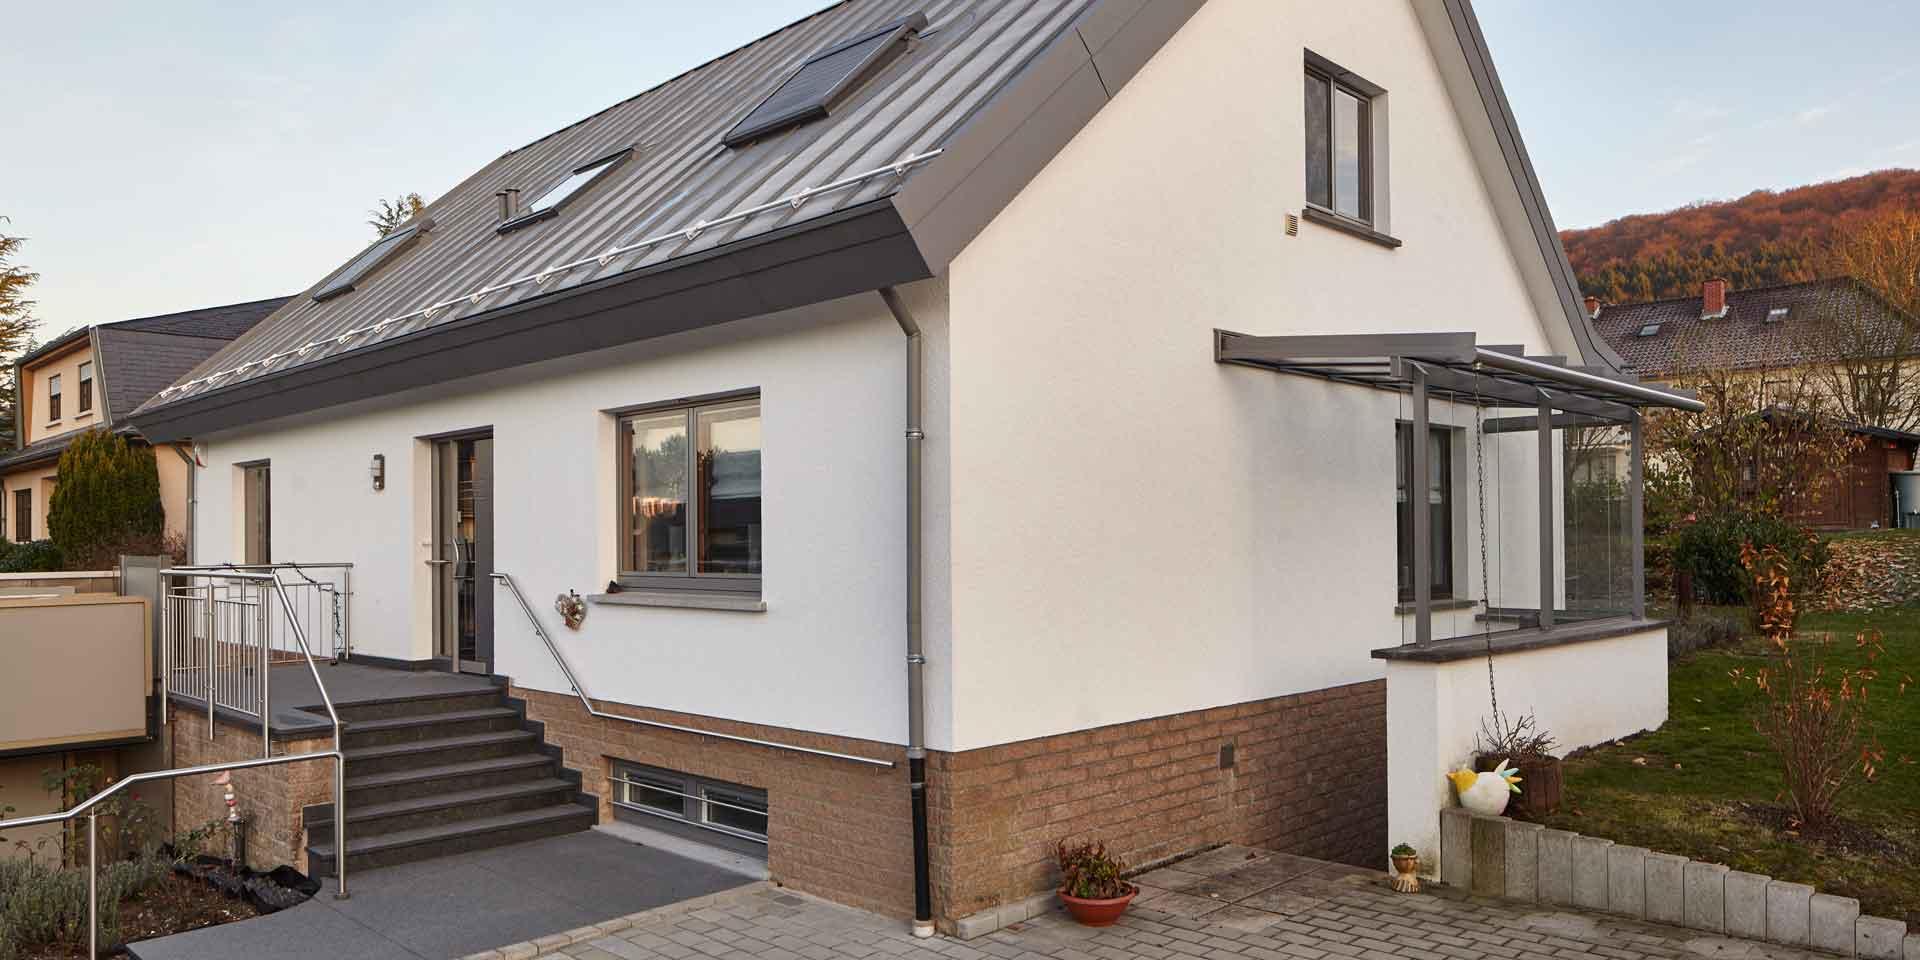 Weißes Einfamilienhaus von rechts gesehen mit einer neuen modernen grauen Coplaning Haustür und grauen Coplaning Holz Alu Fenster.